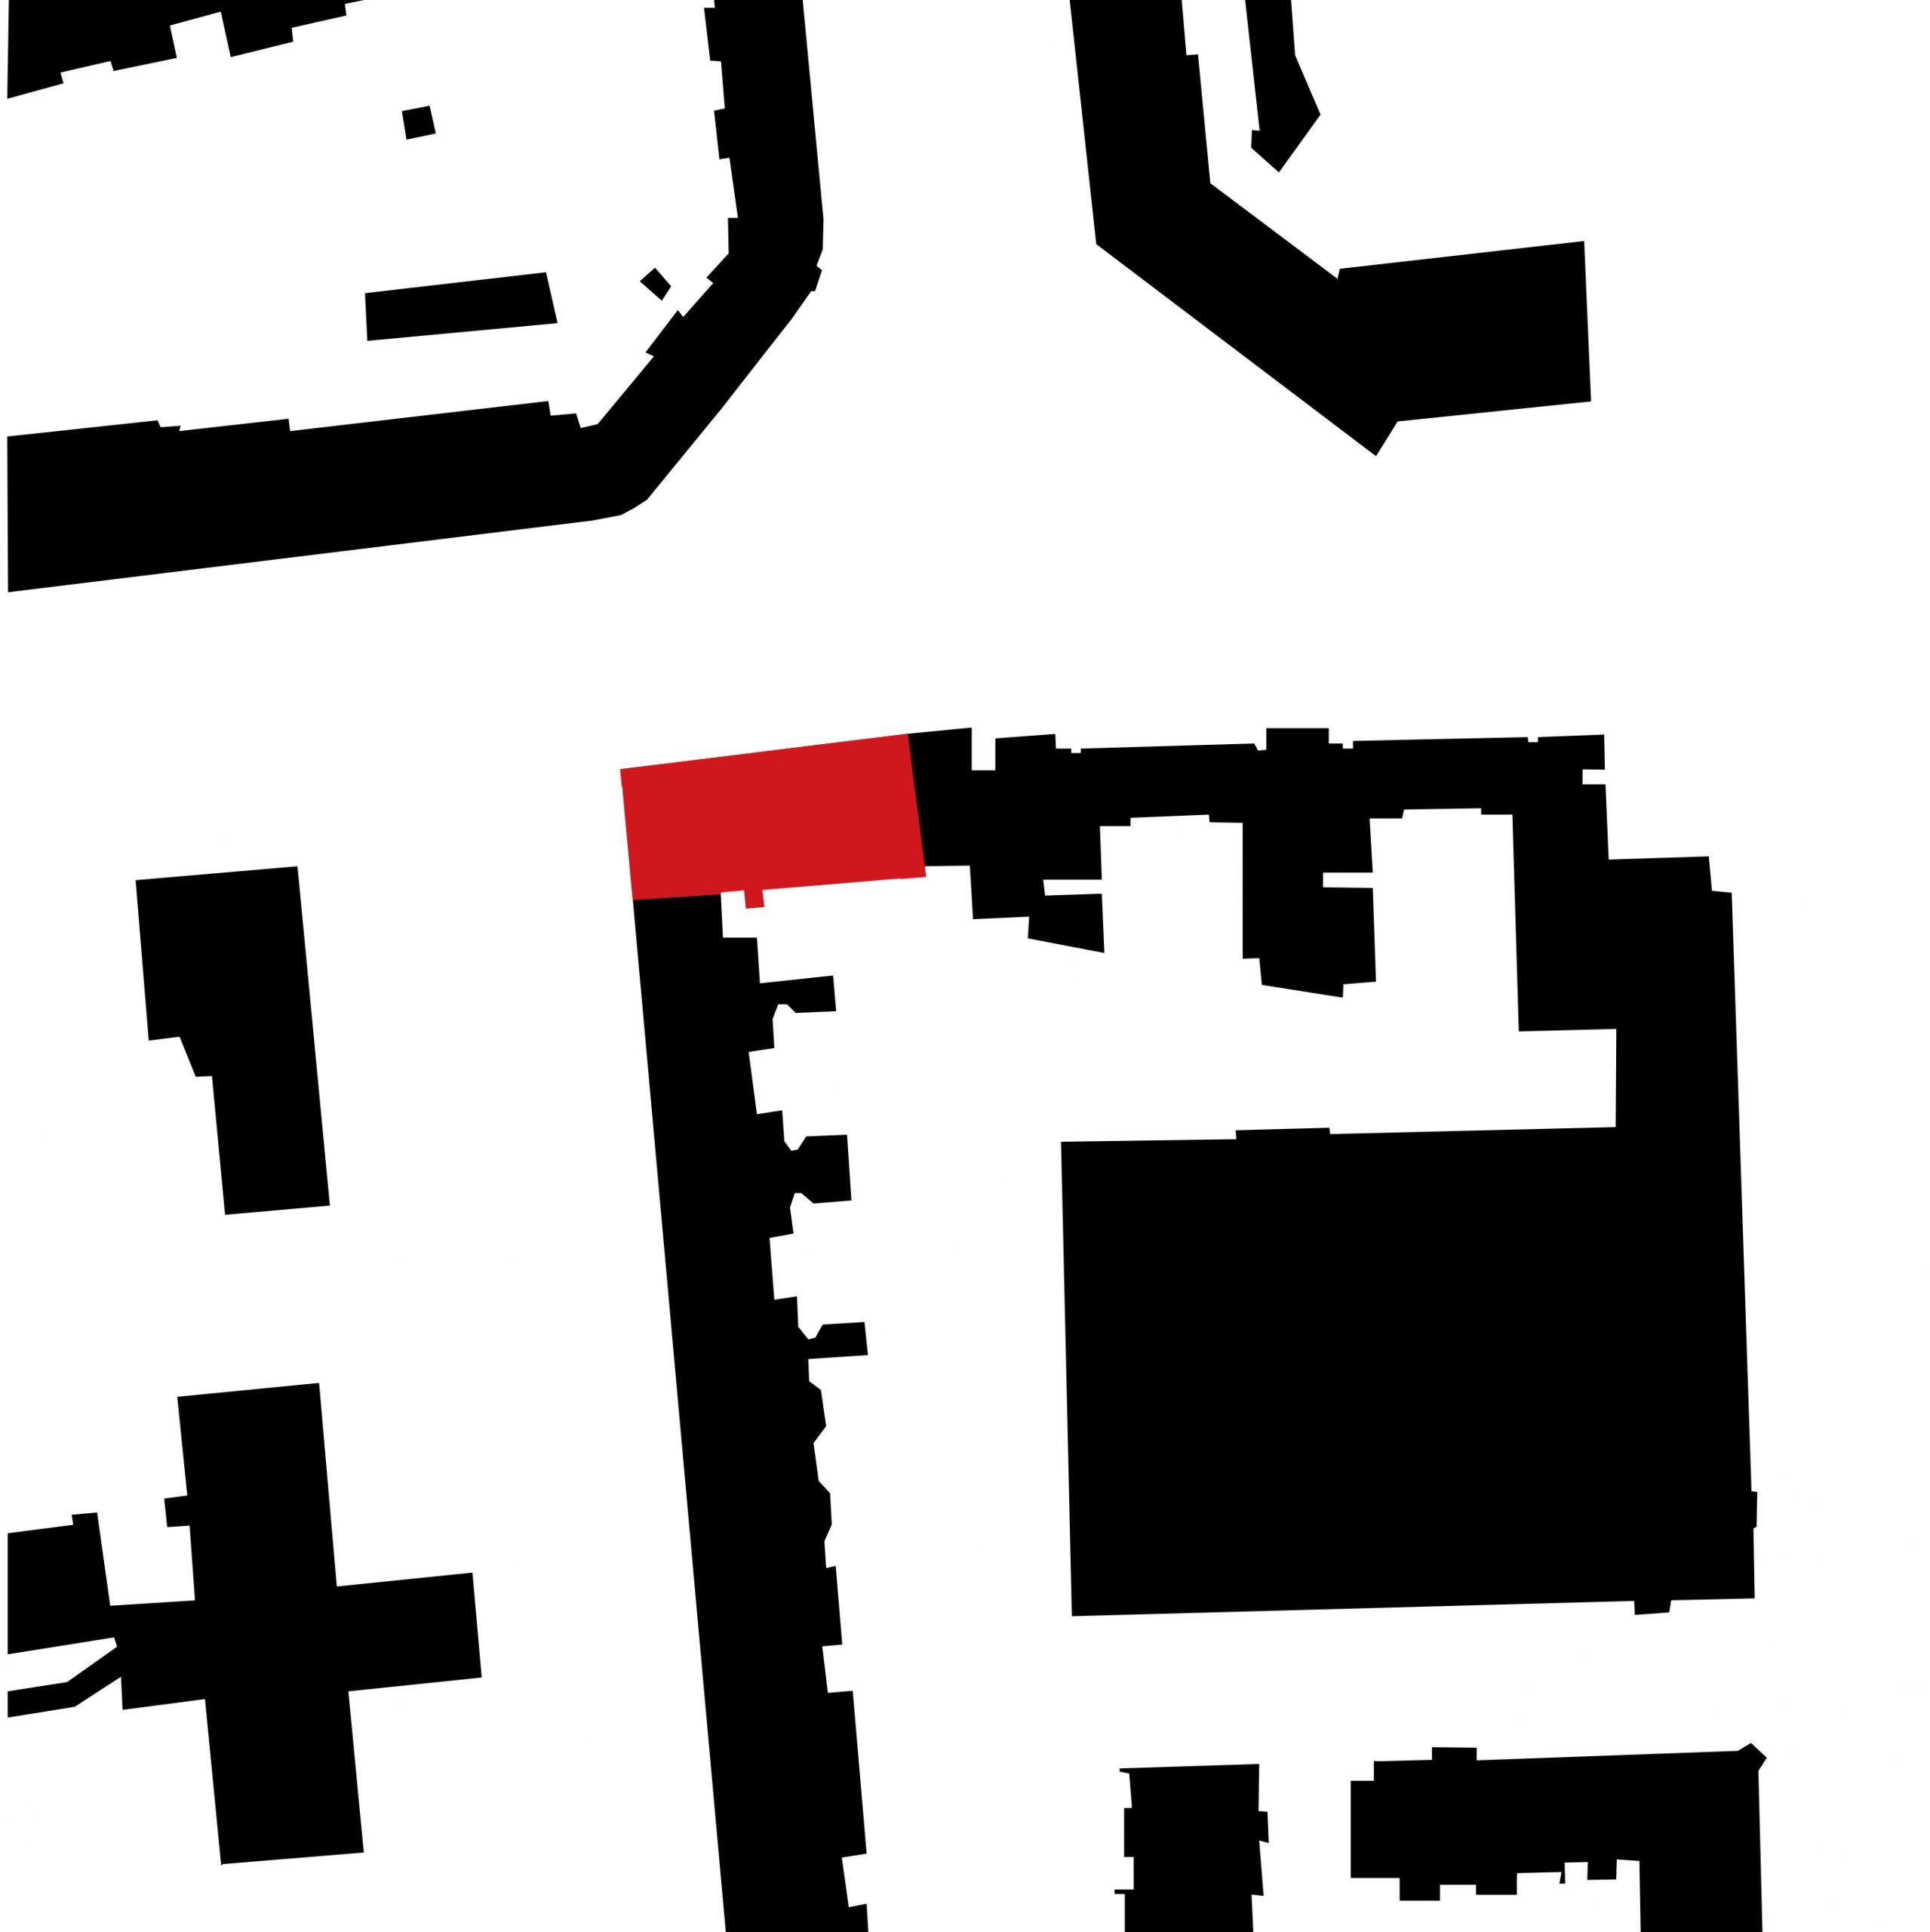 3a1dc839-c4fa-4427-bf21-3969df11e444